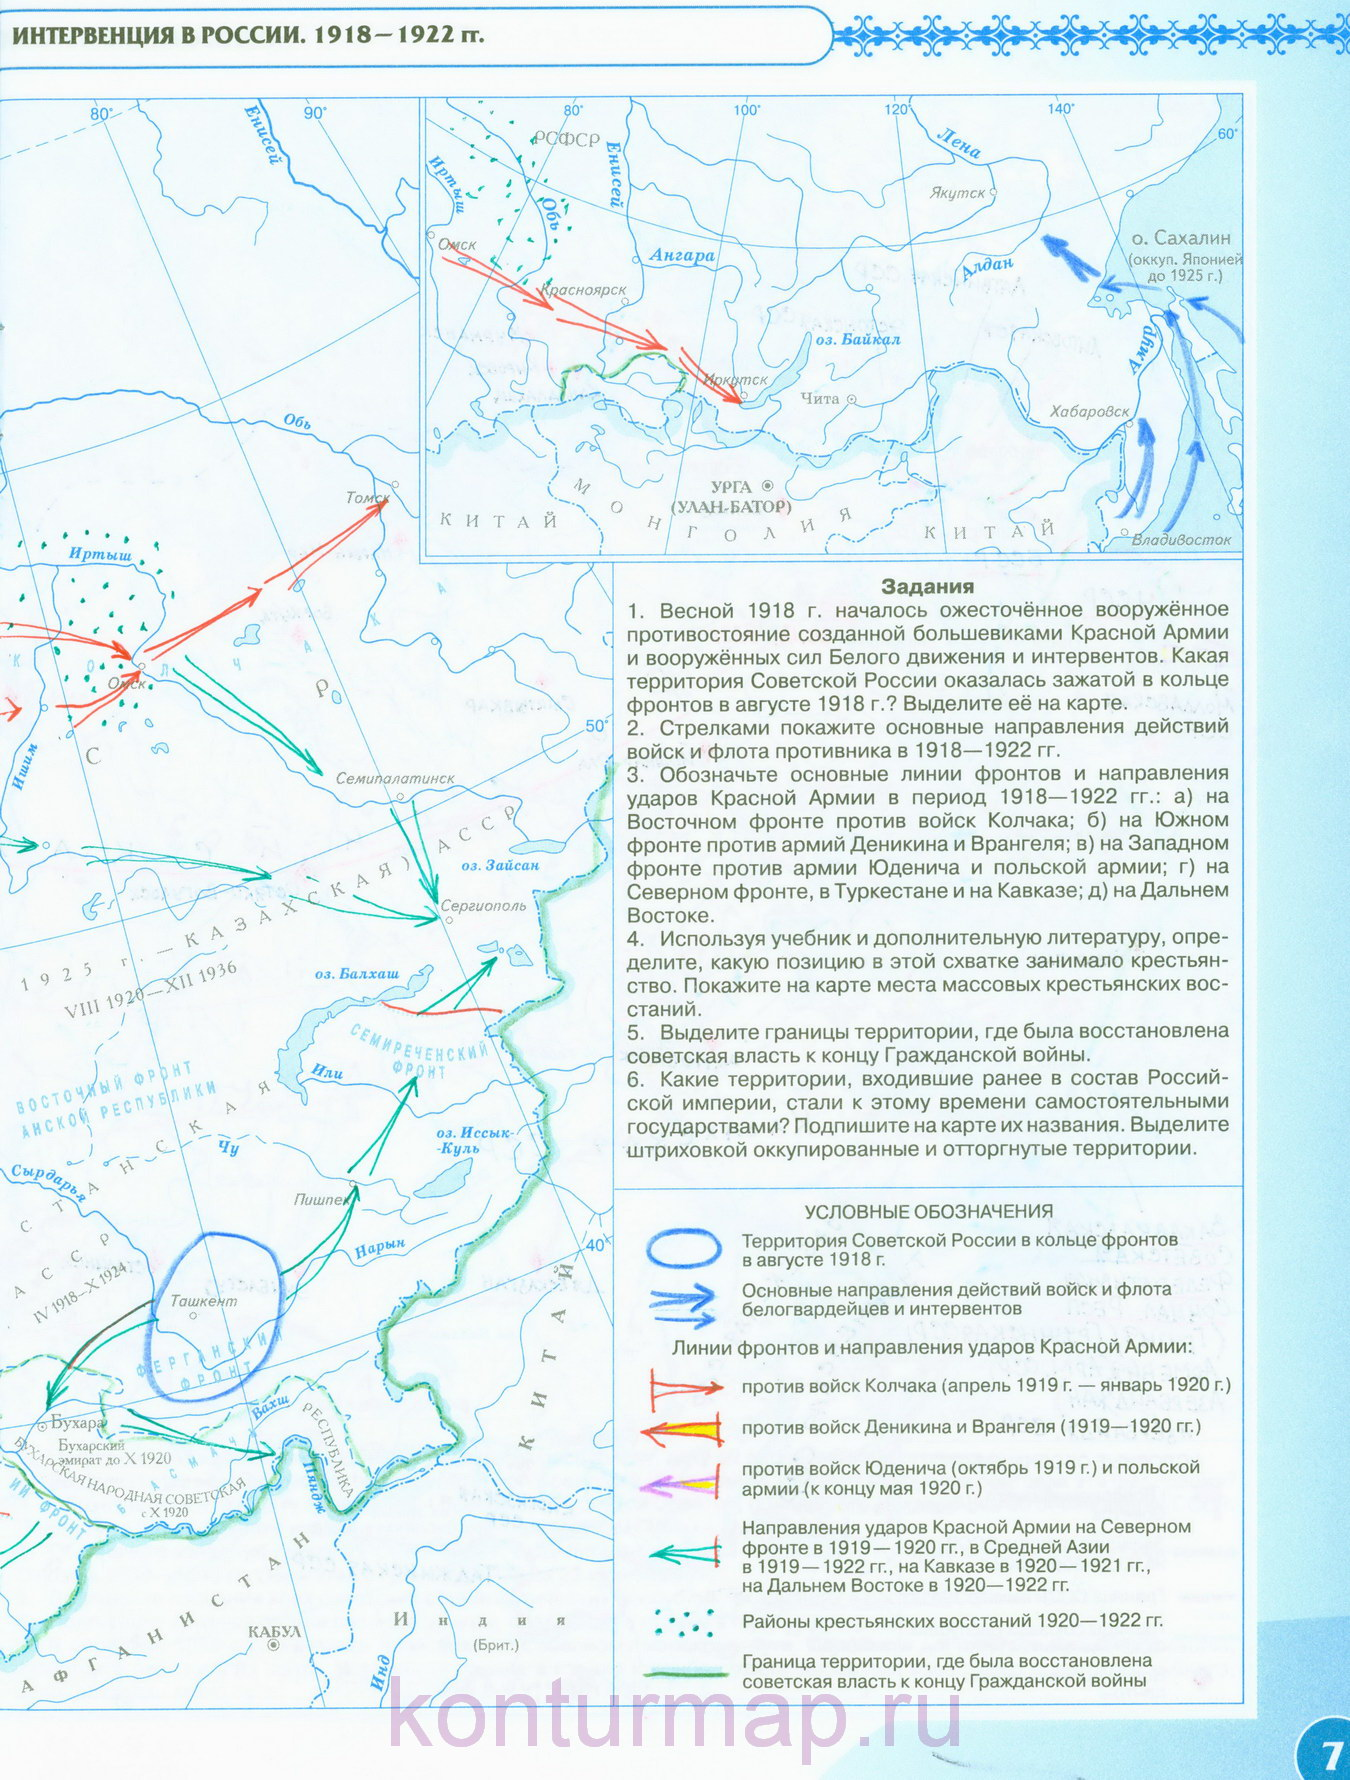 начало вторжения иностранных войск в россию